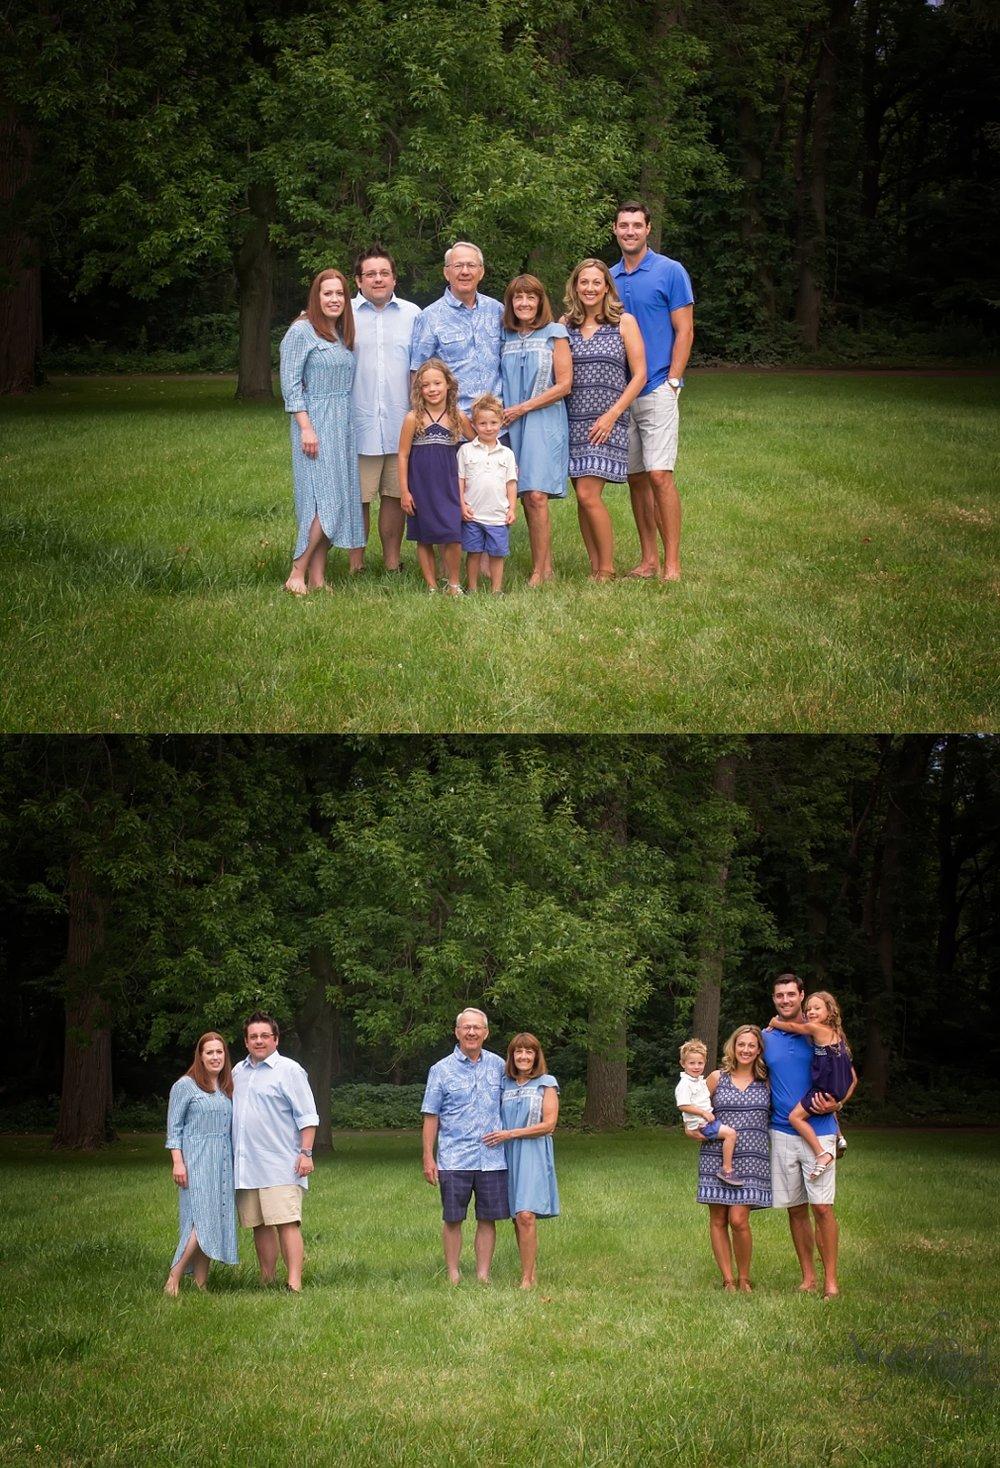 St. Joseph Michigan Newborn, Child and family Photographer_0226.jpg